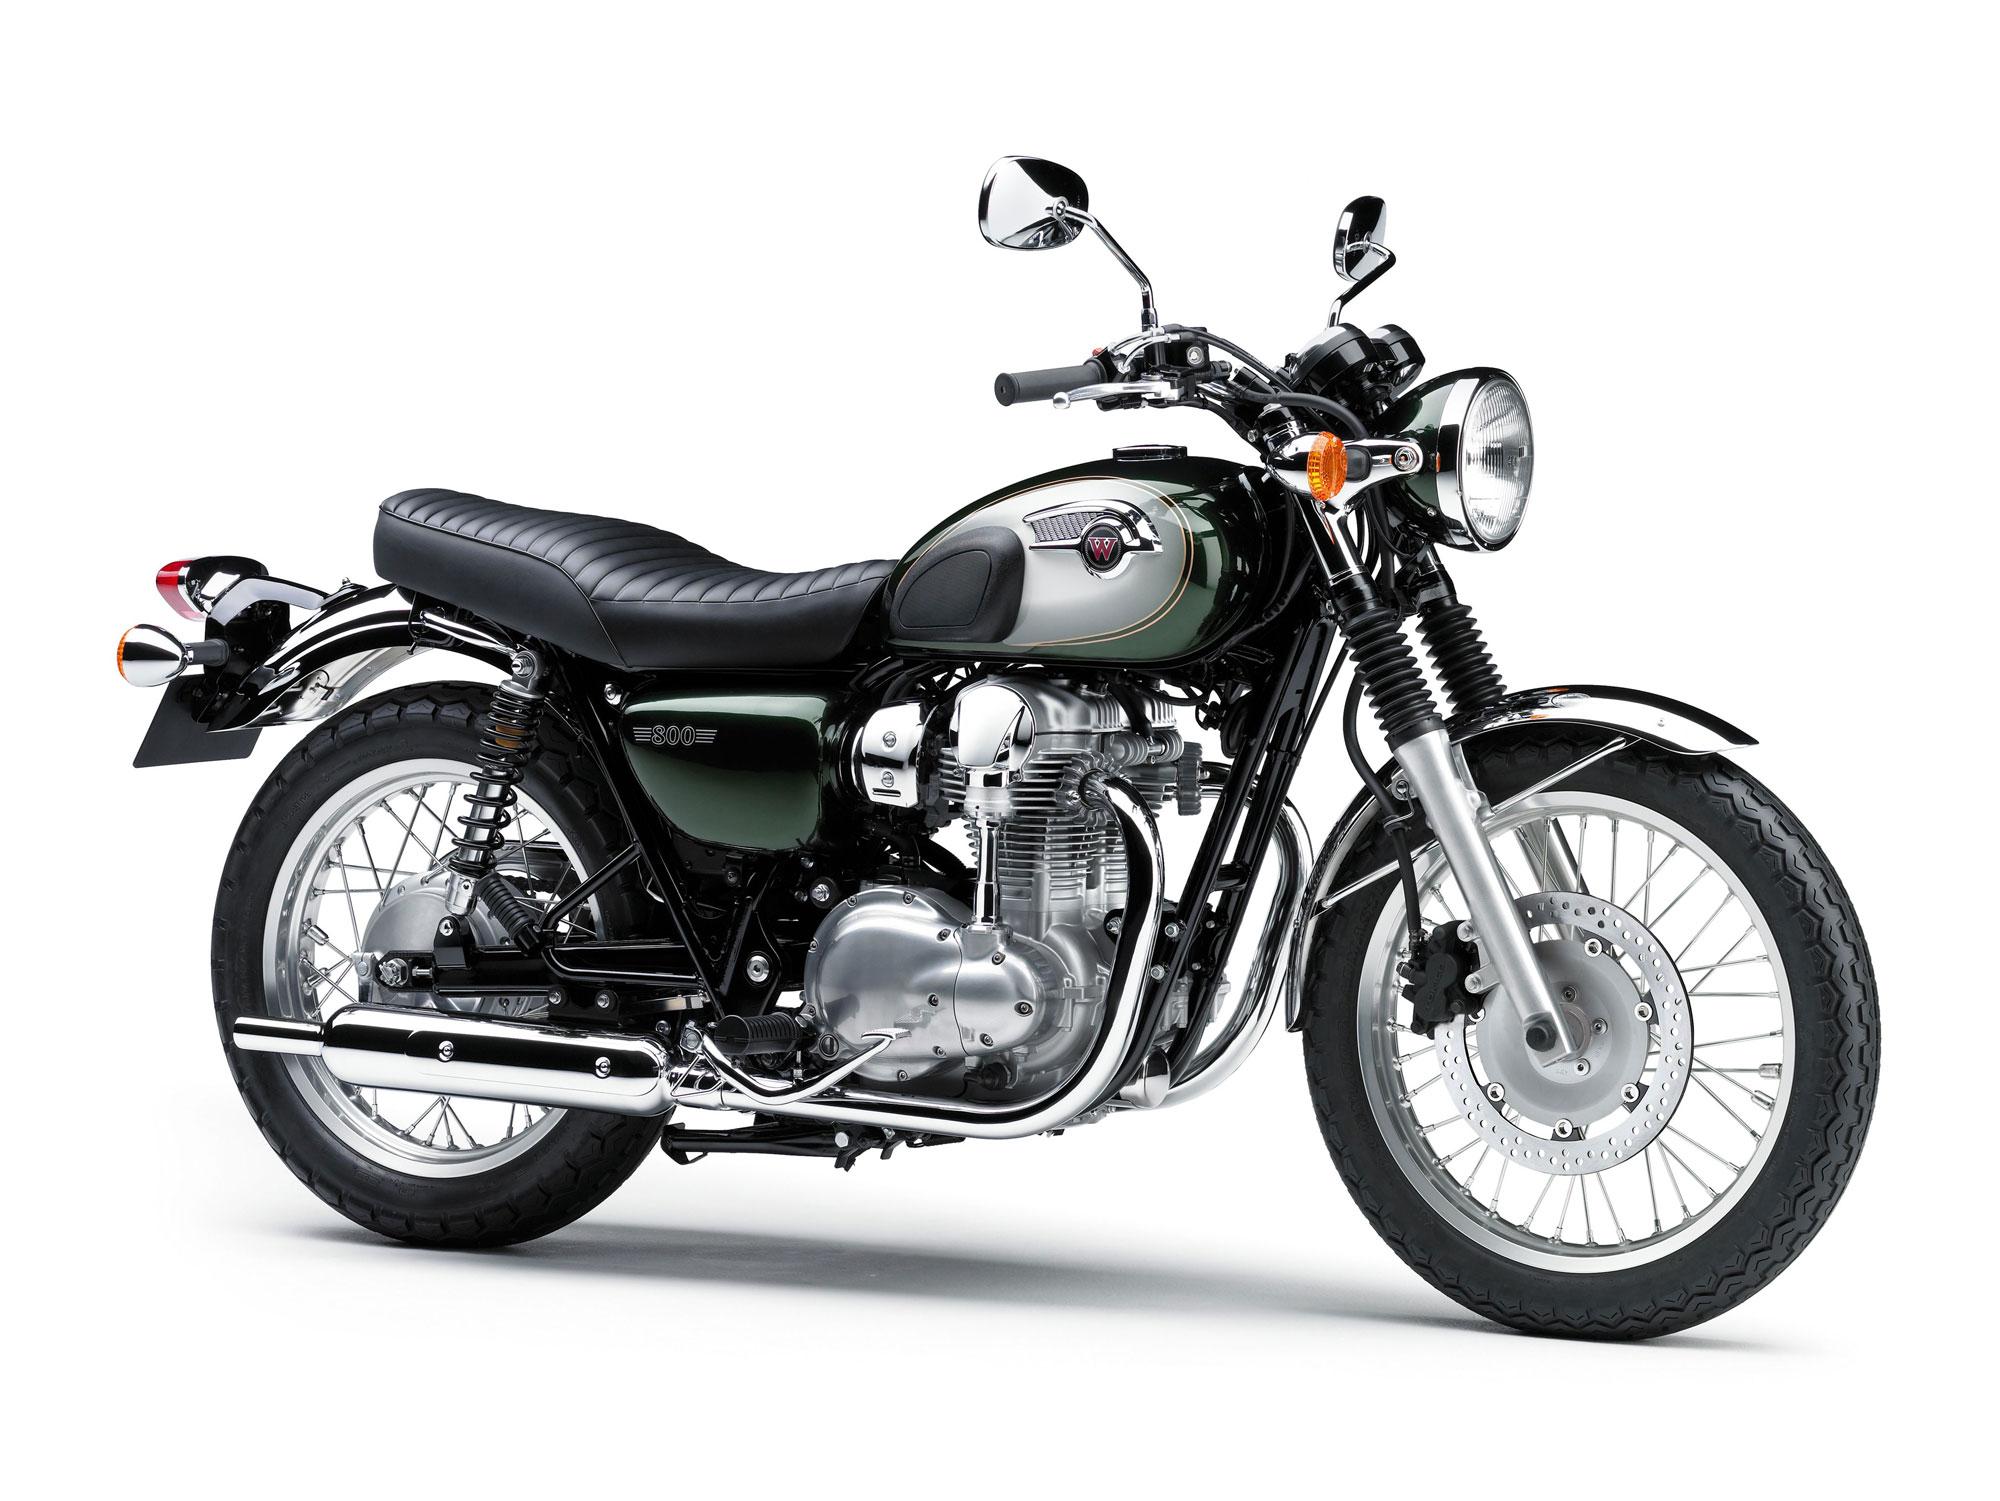 инструкция по ремонту и эксплуатации мотоцикла к 650 1970 год выпуска